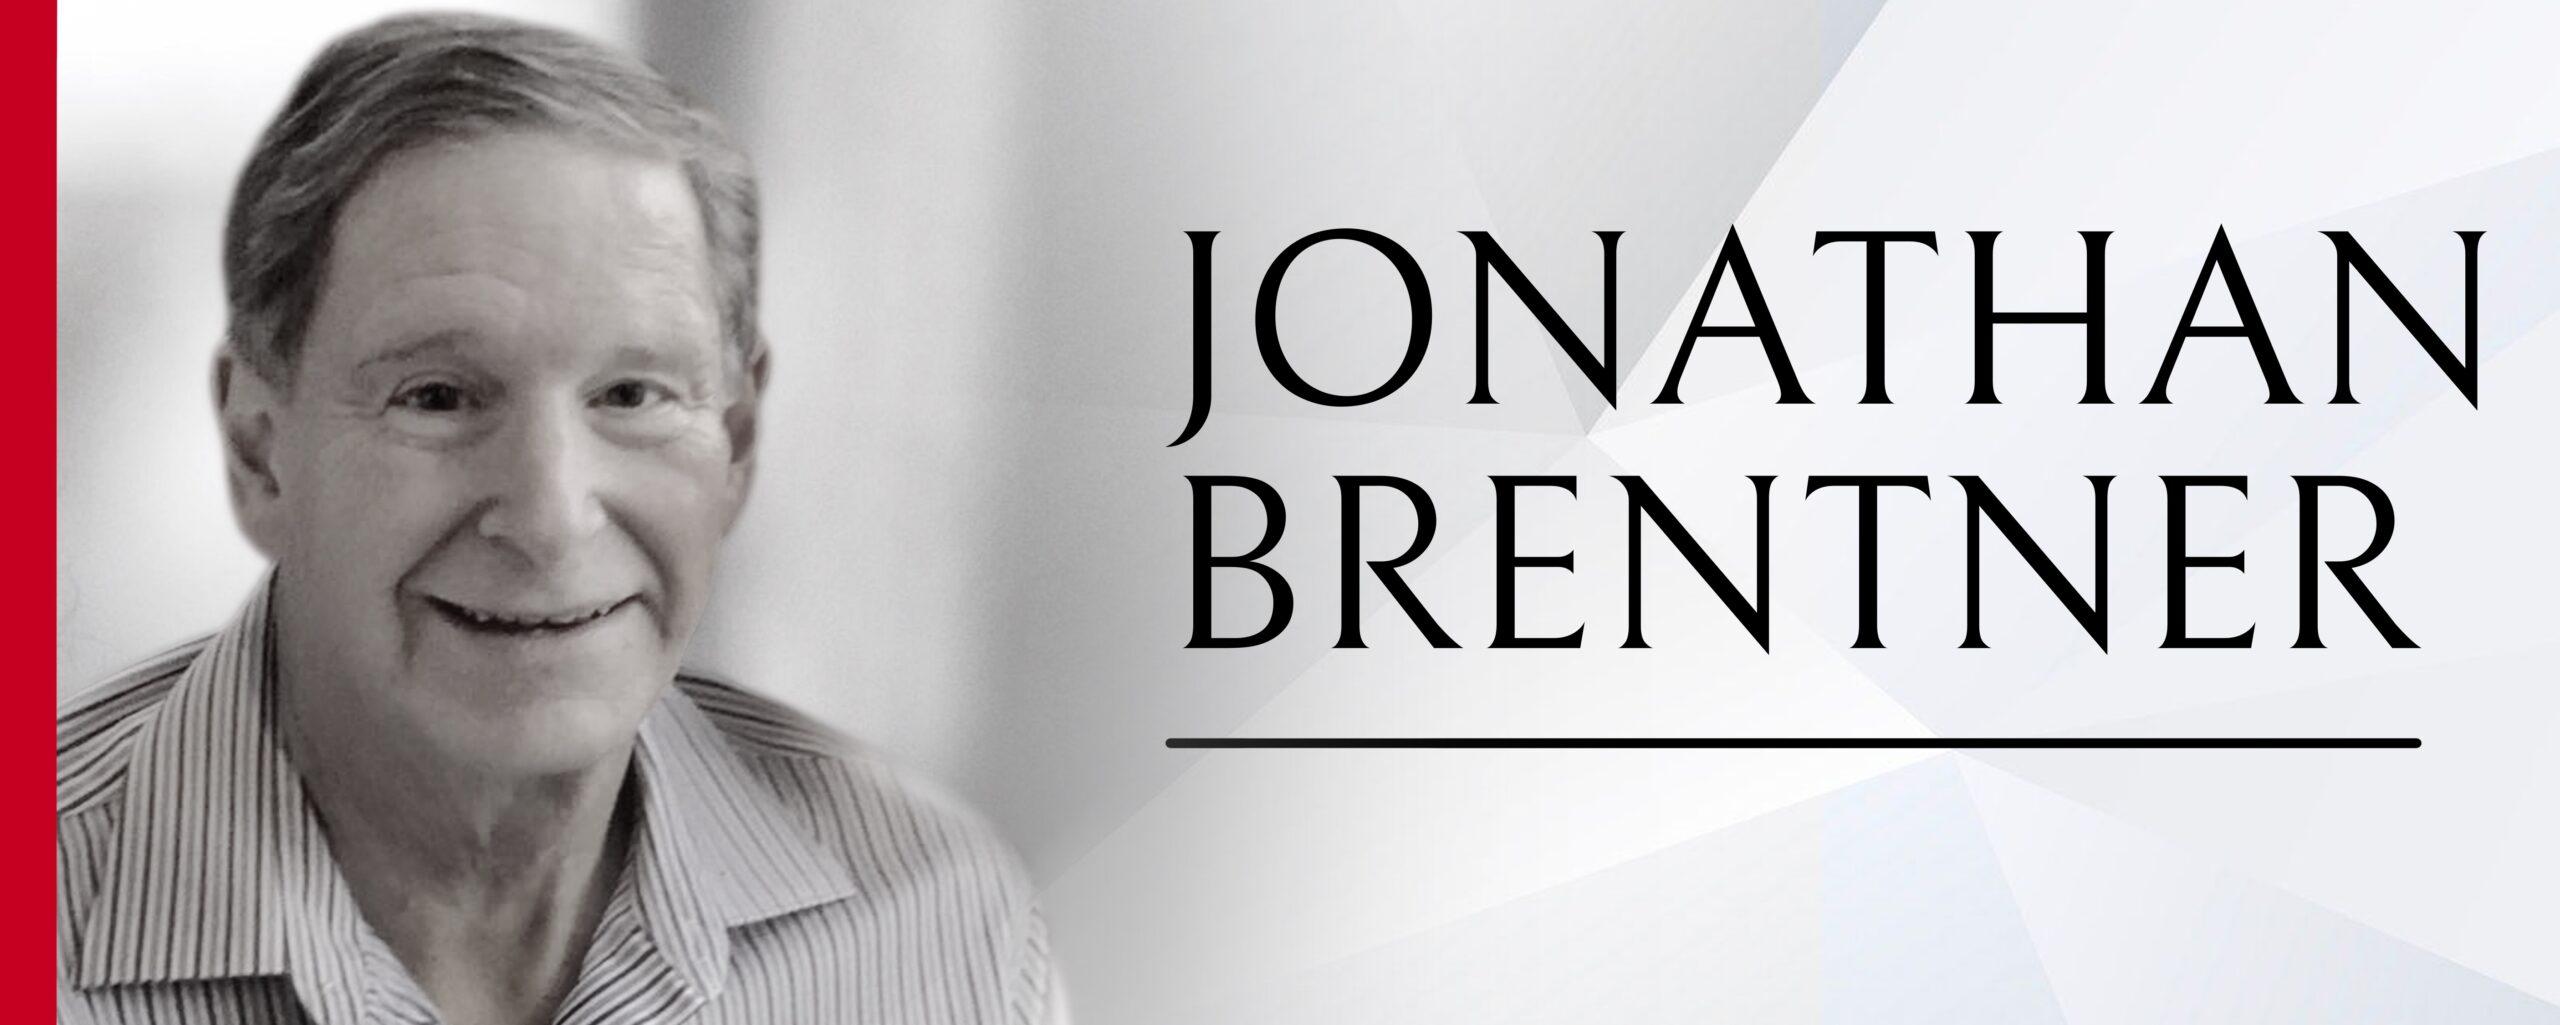 Jonathan Brentner